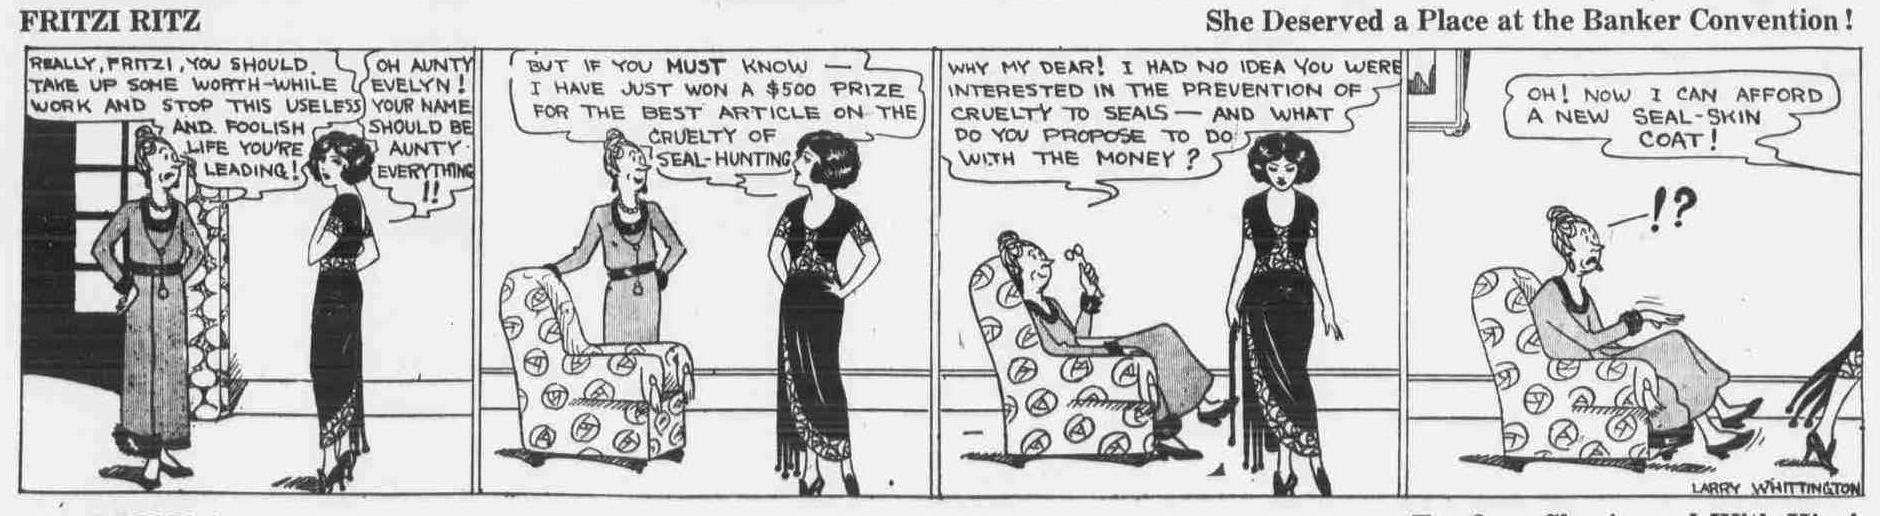 Oct. 16, 1922